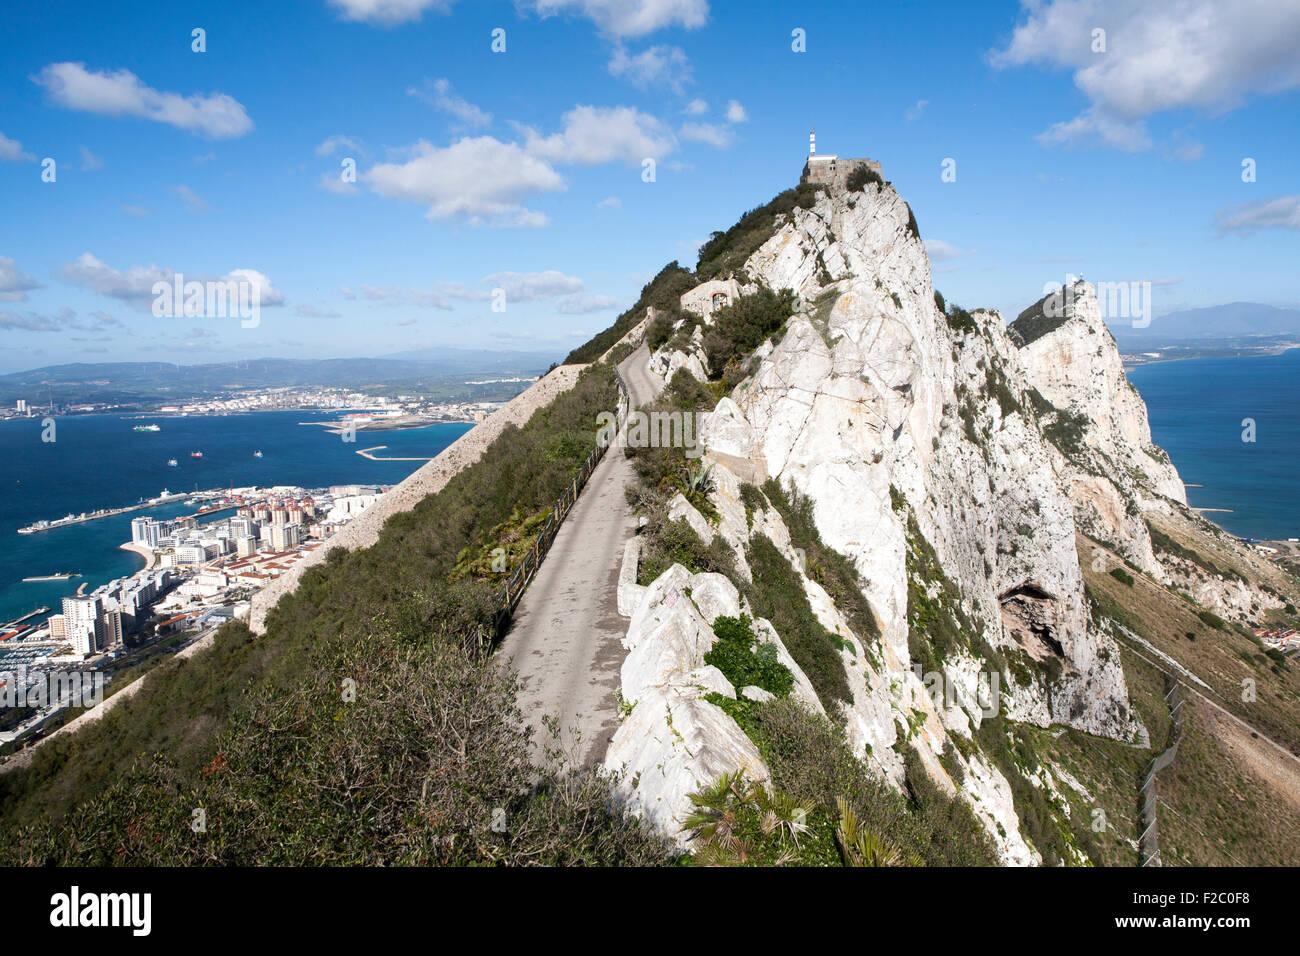 Bianco puro rock montagna Roccia di Gibilterra, Territorio britannico in Europa meridionale Immagini Stock